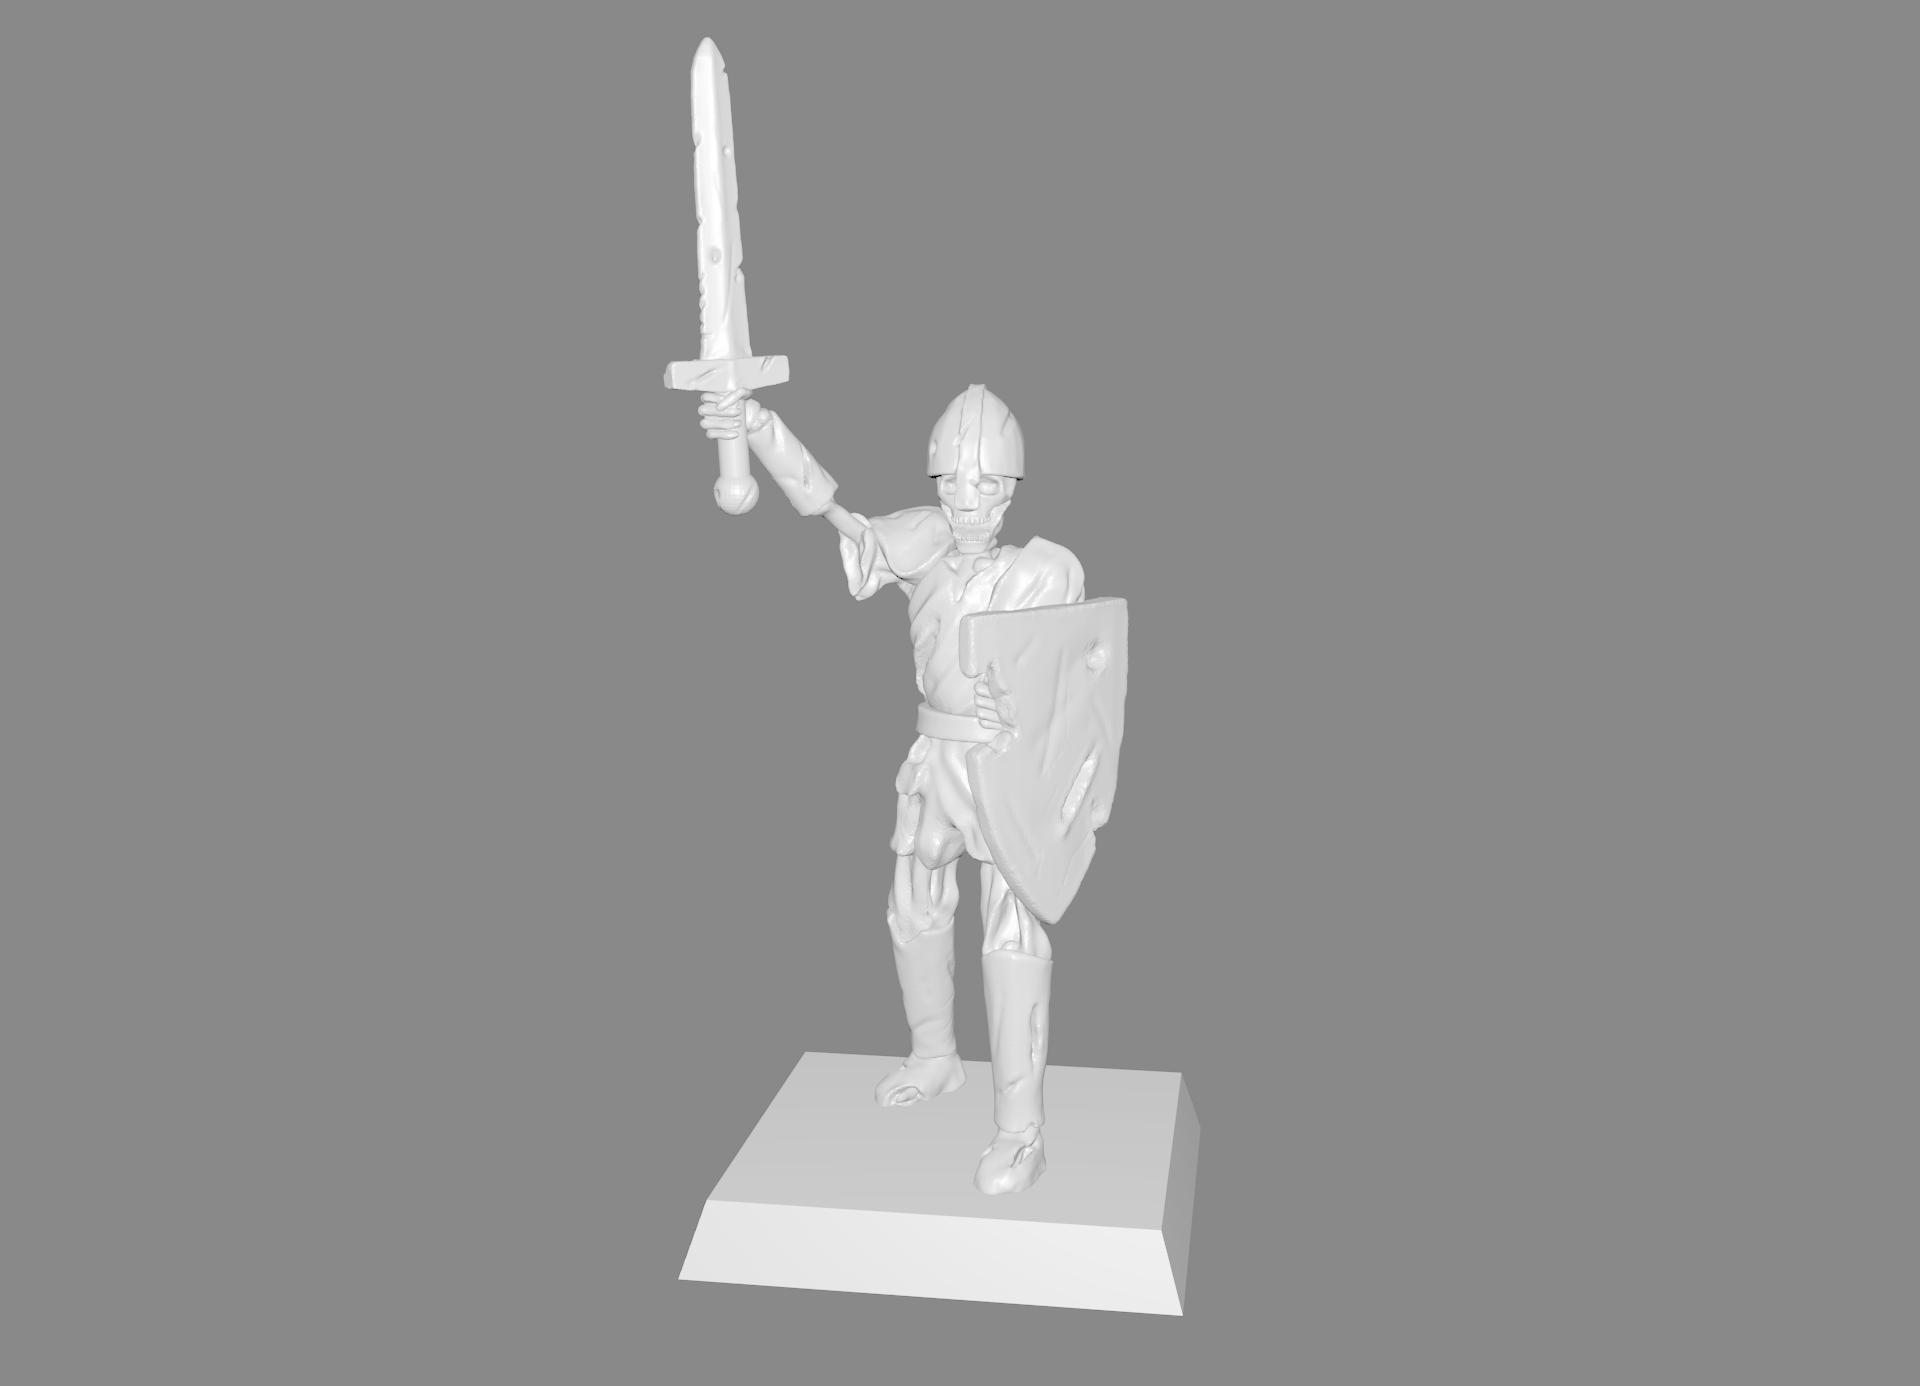 skeleton_warrior_v2_pic.png Télécharger fichier STL gratuit Skeleton Warrior Miniature version #2 • Design pour impression 3D, Ilhadiel